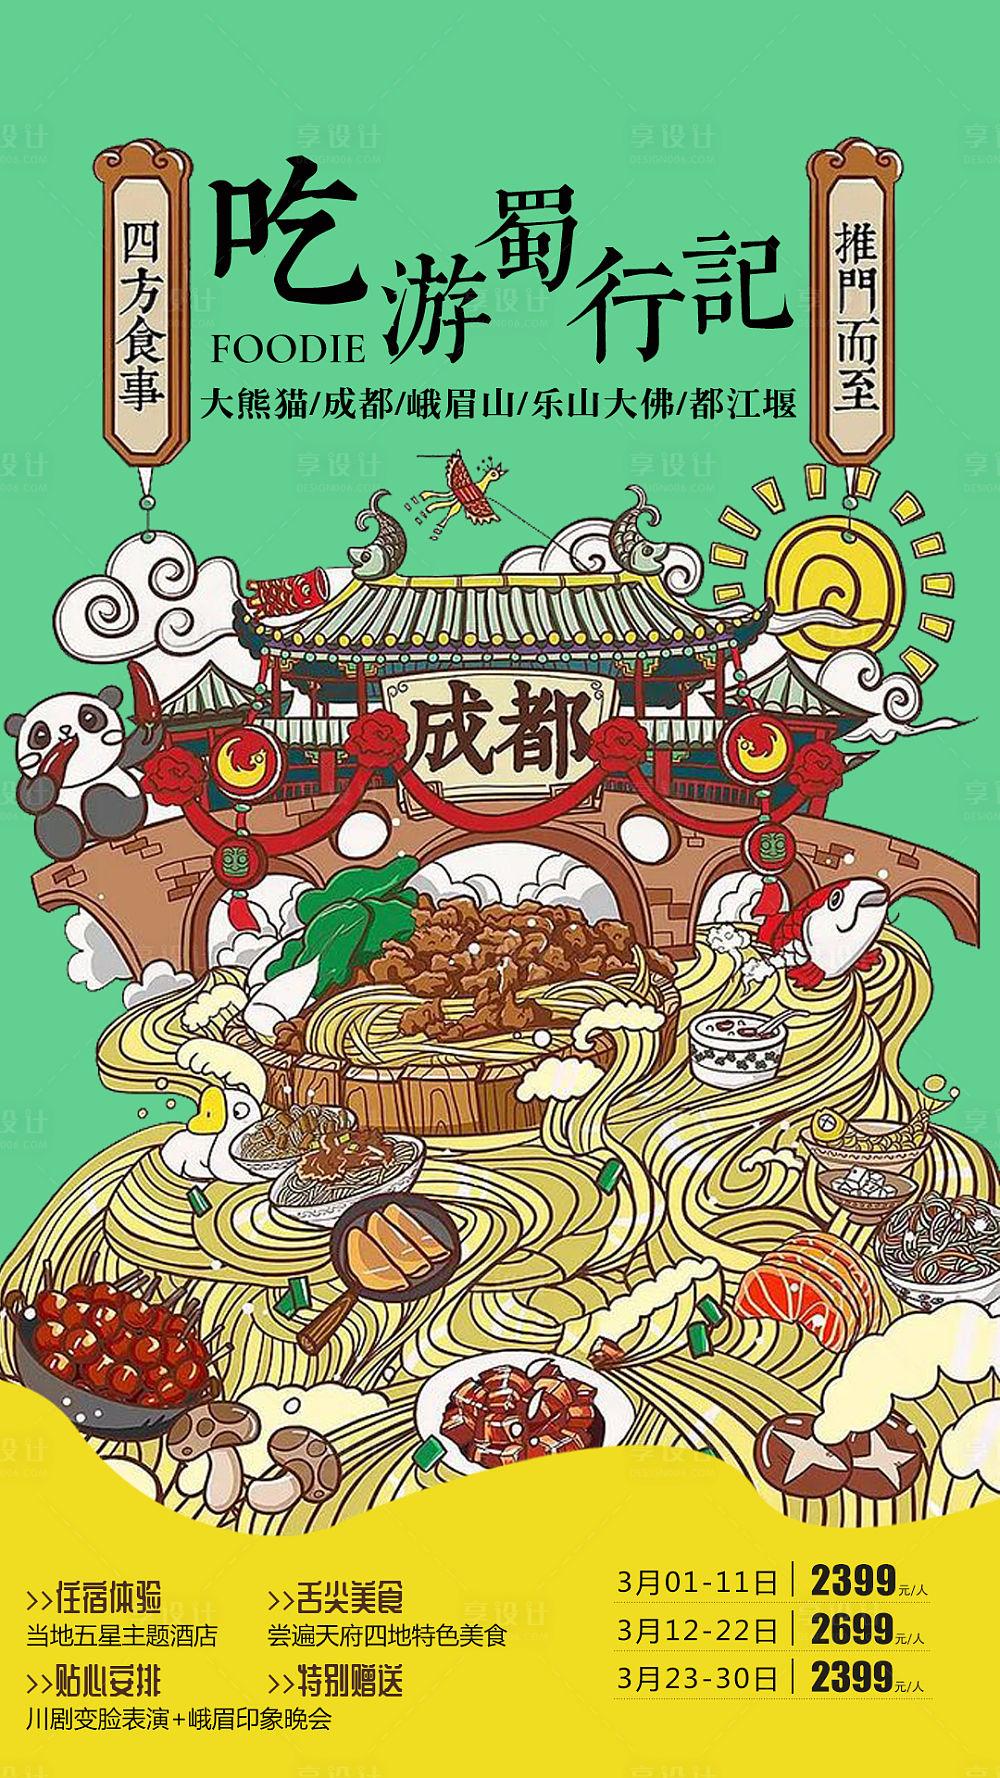 【源文件下载】 海报 旅游 四川 成都 插画 美食